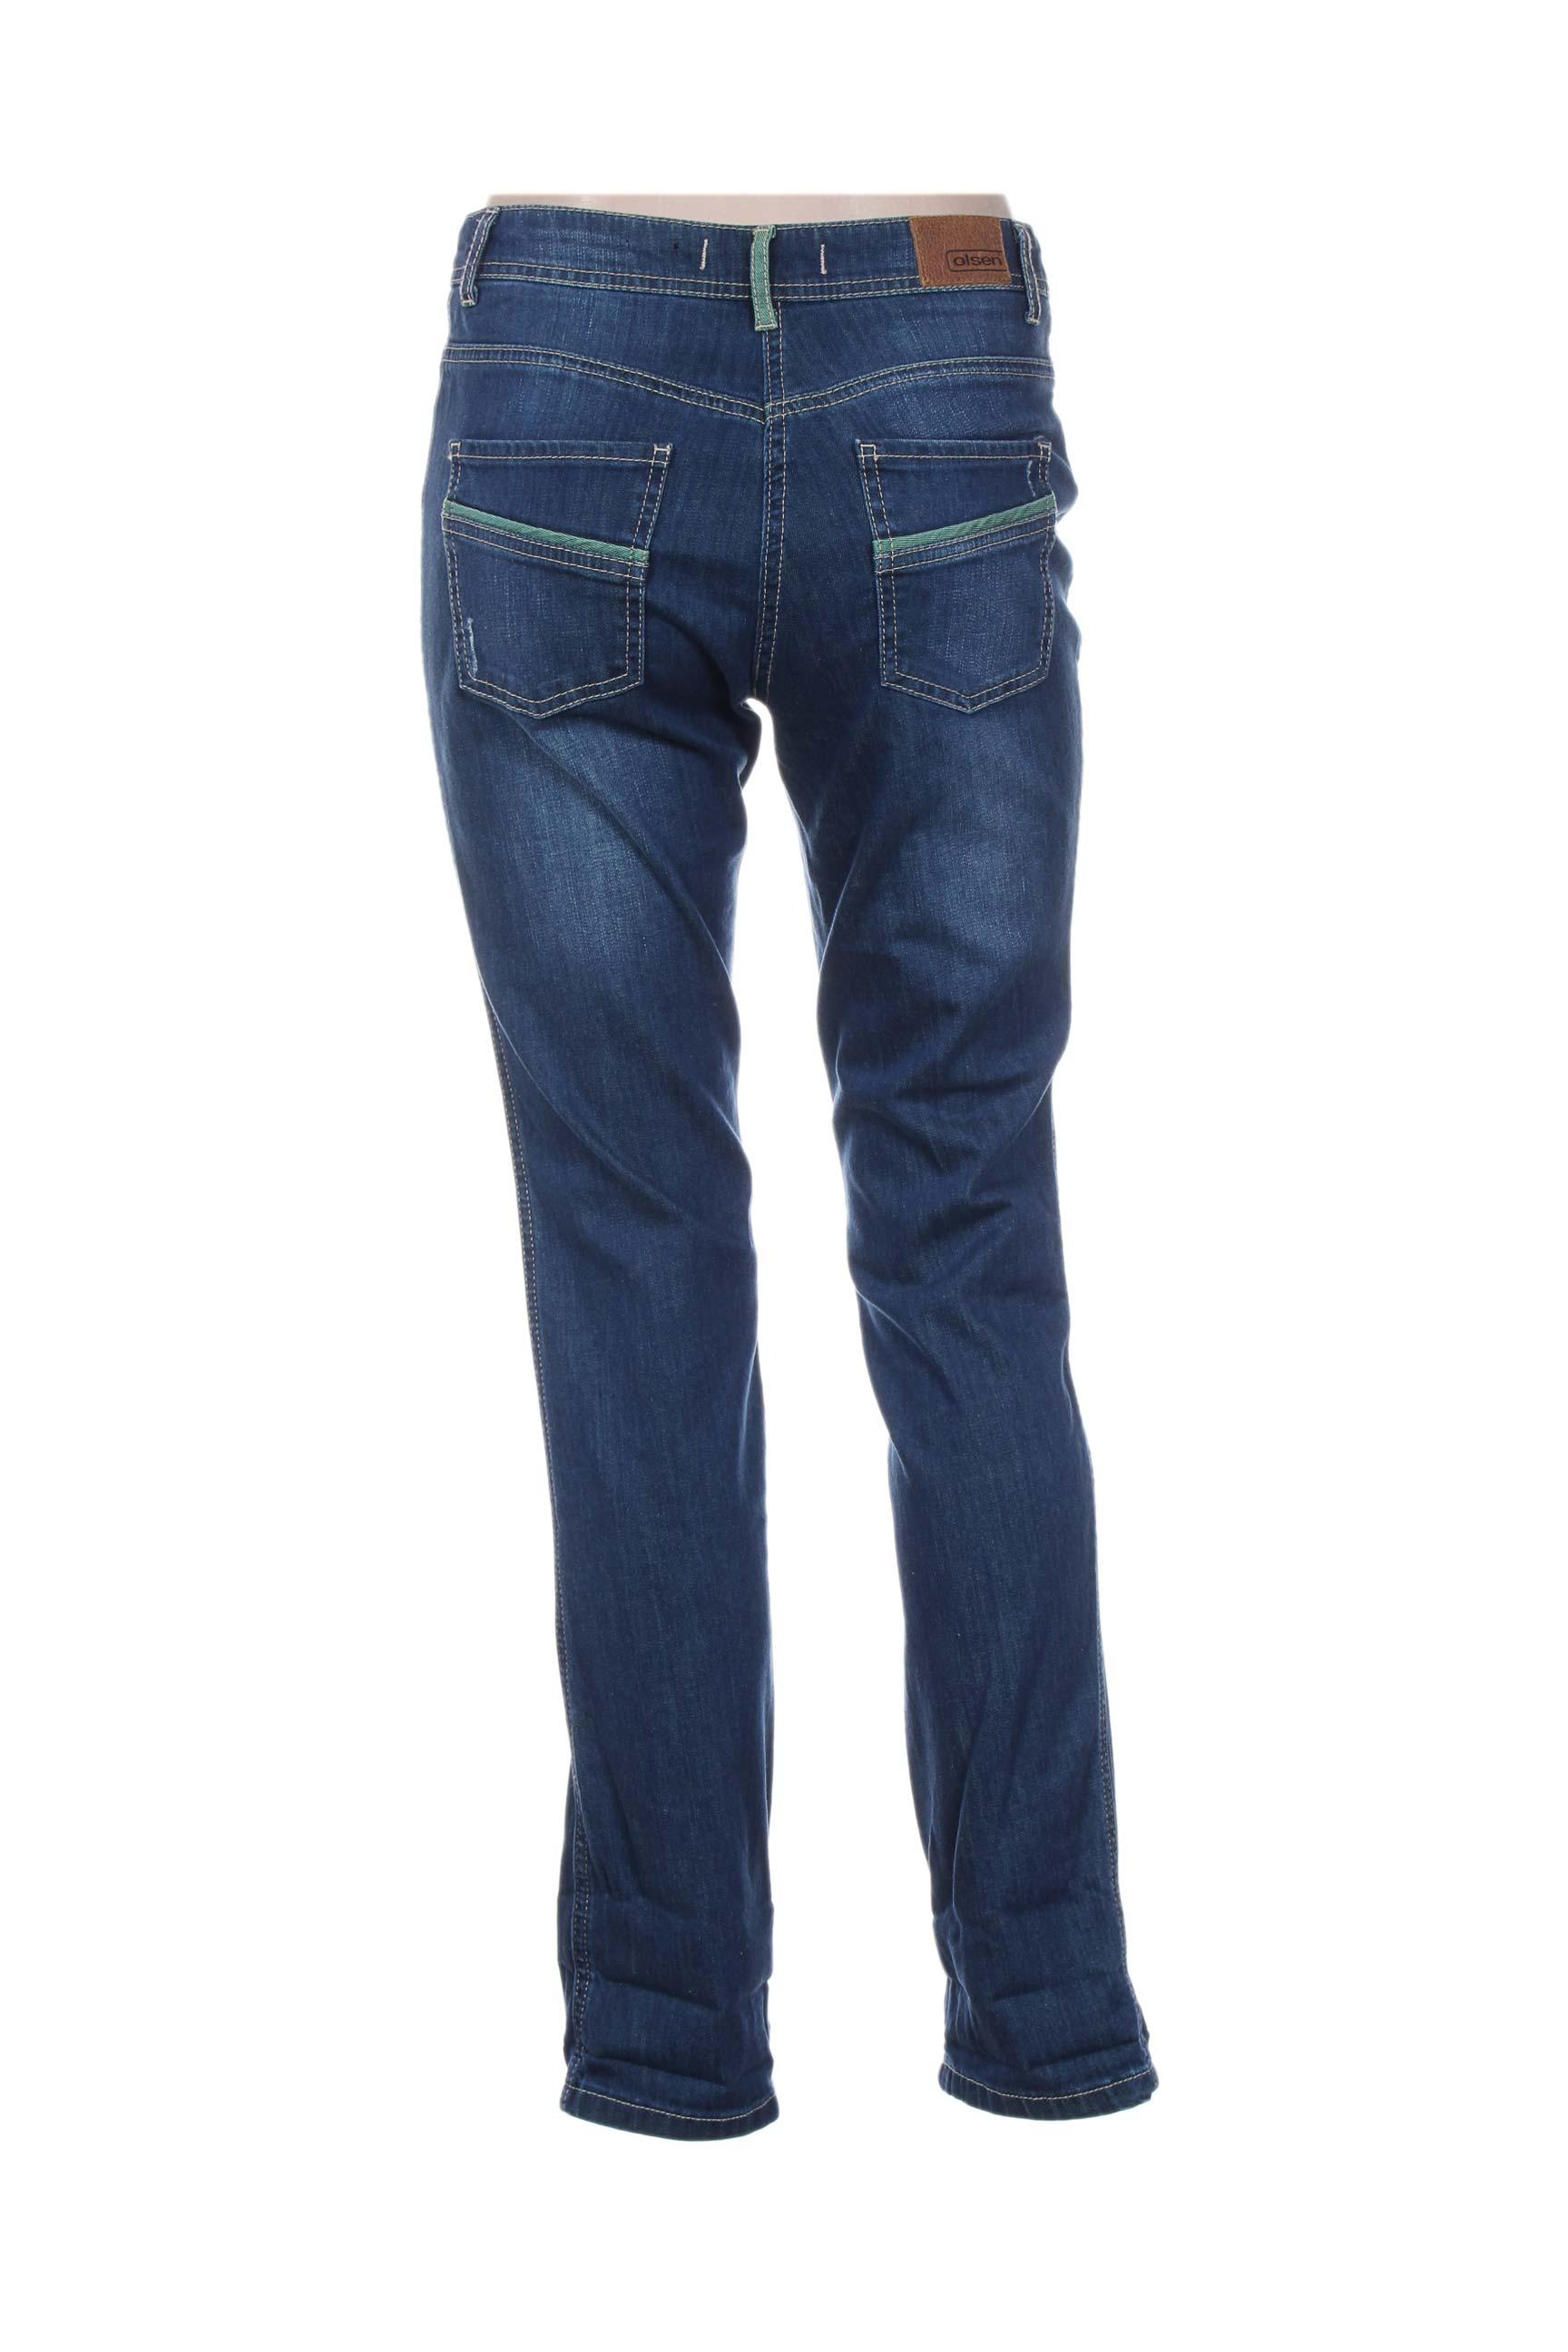 Olsen Jeans Coupe Slim Femme De Couleur Bleu En Soldes Pas Cher 1207217-bleu00